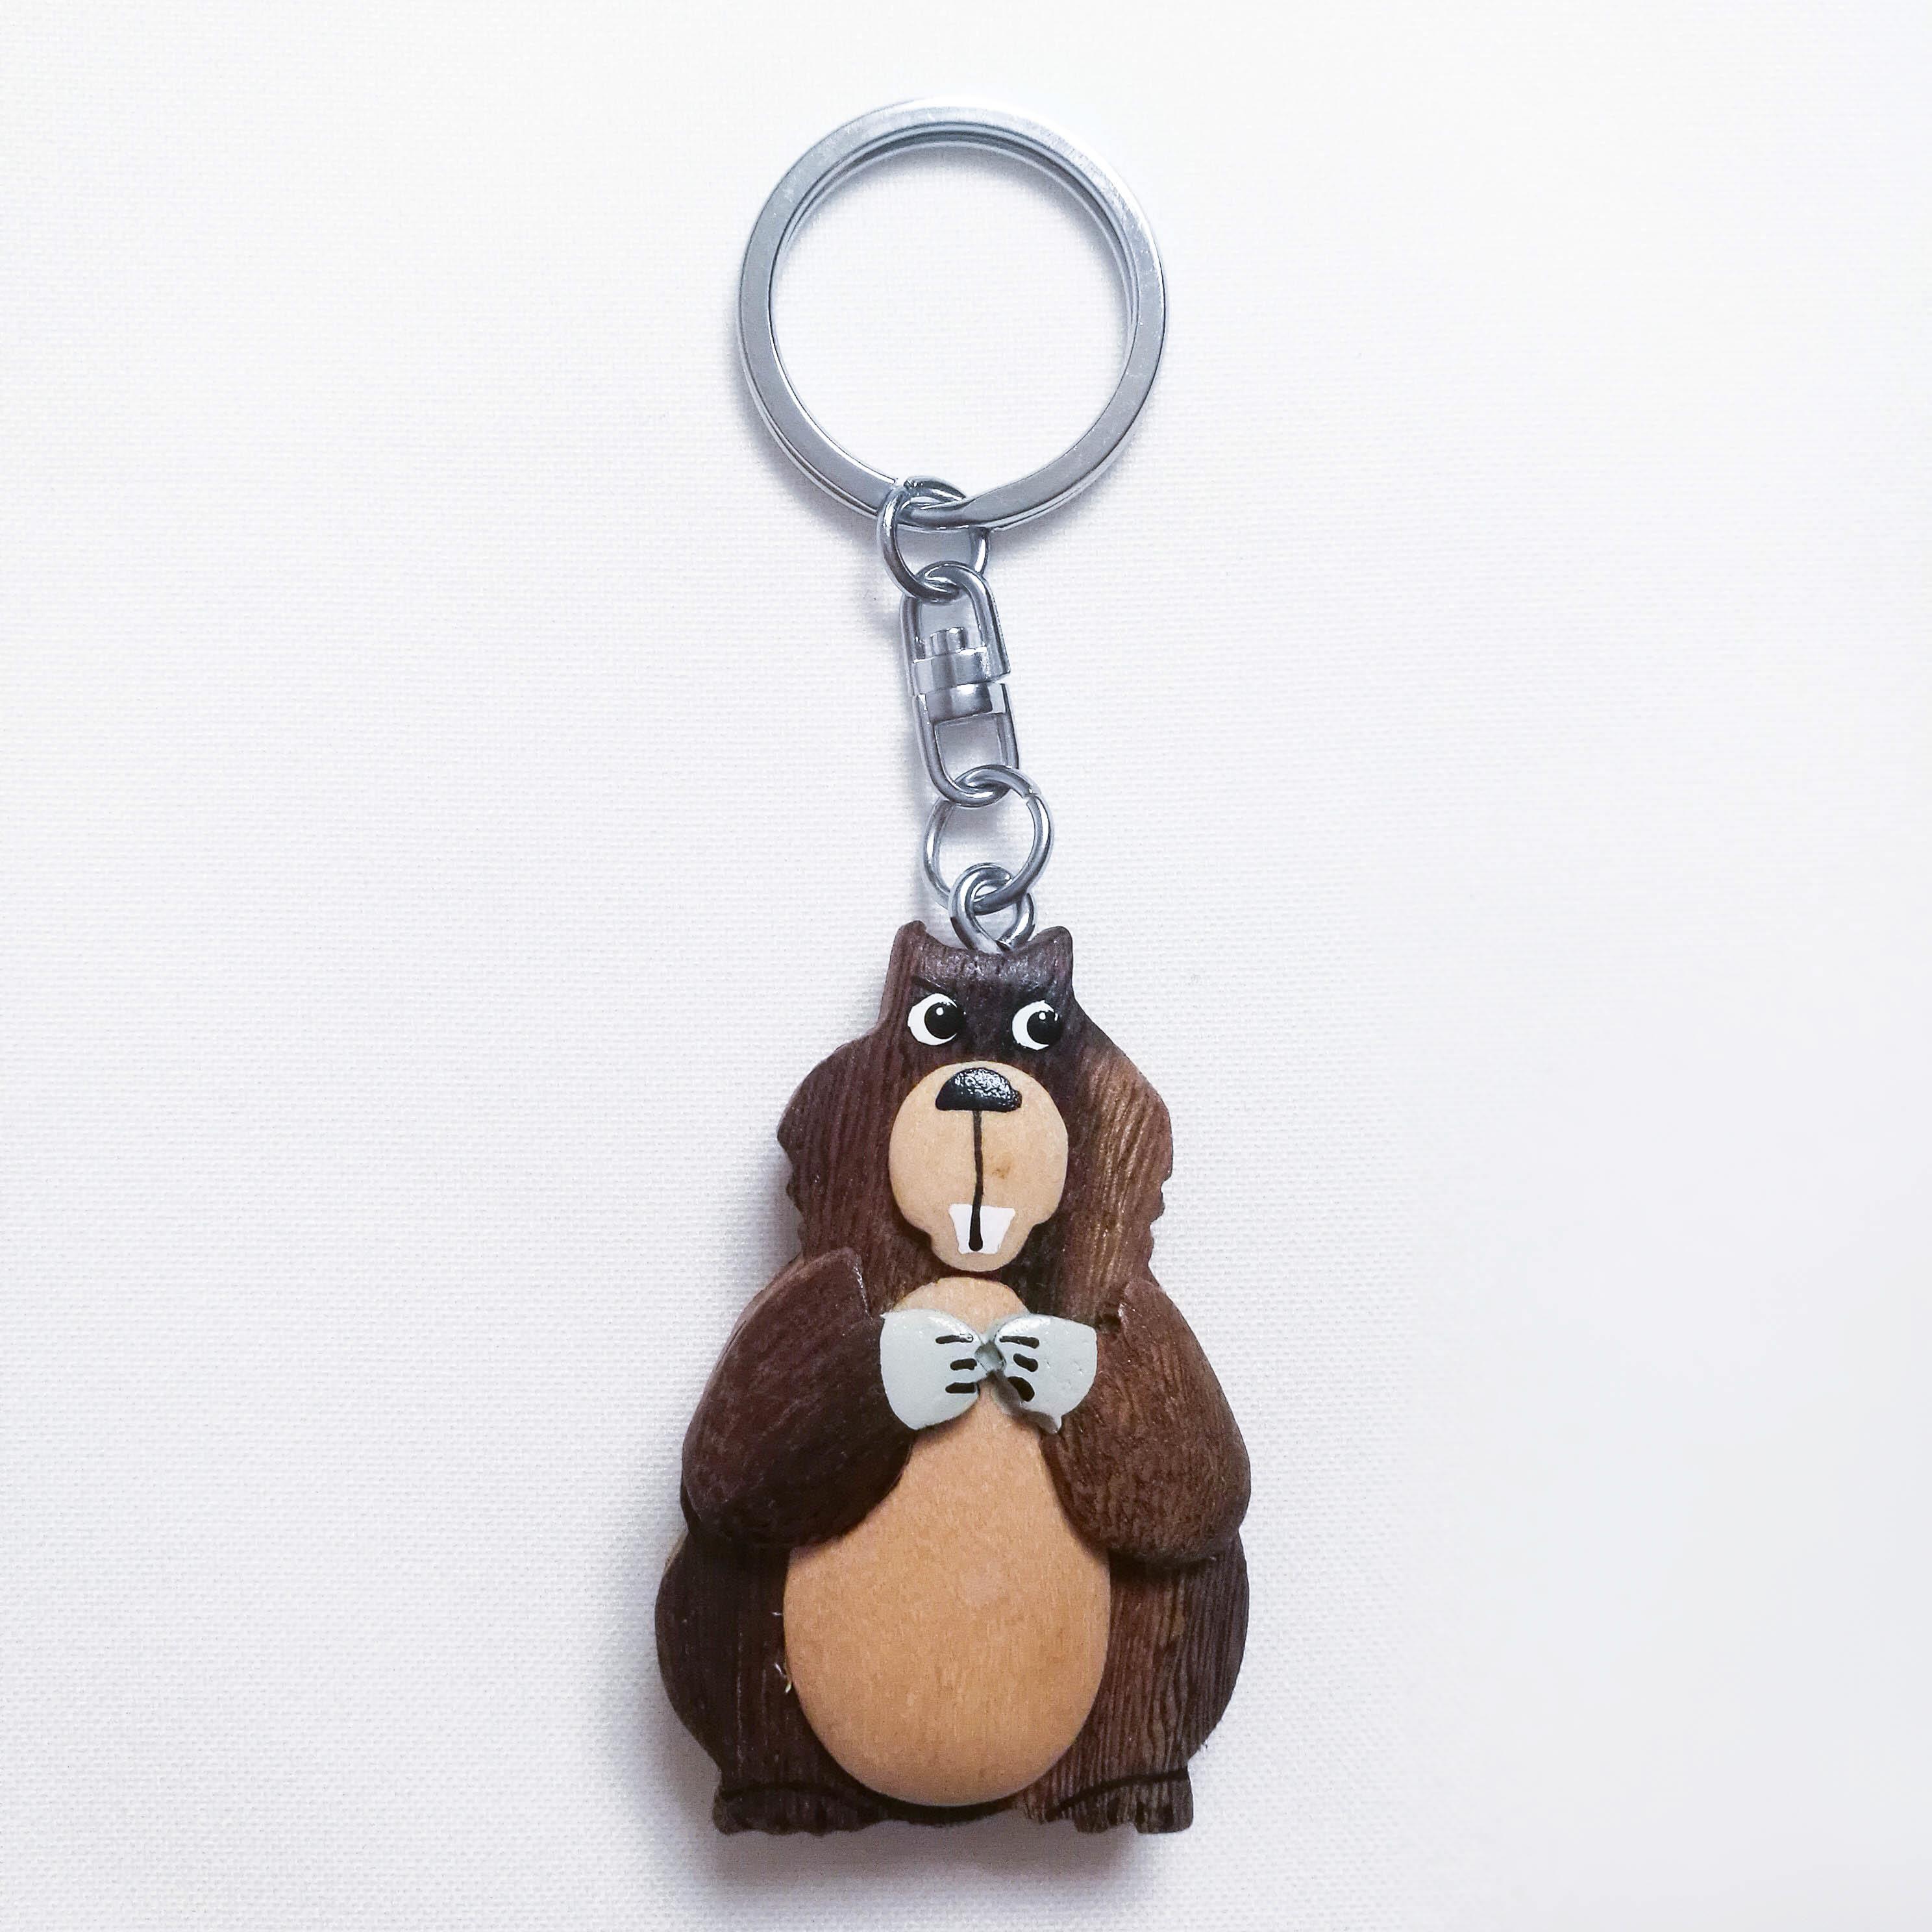 Schlüsselkette aus Holz Murmeltier